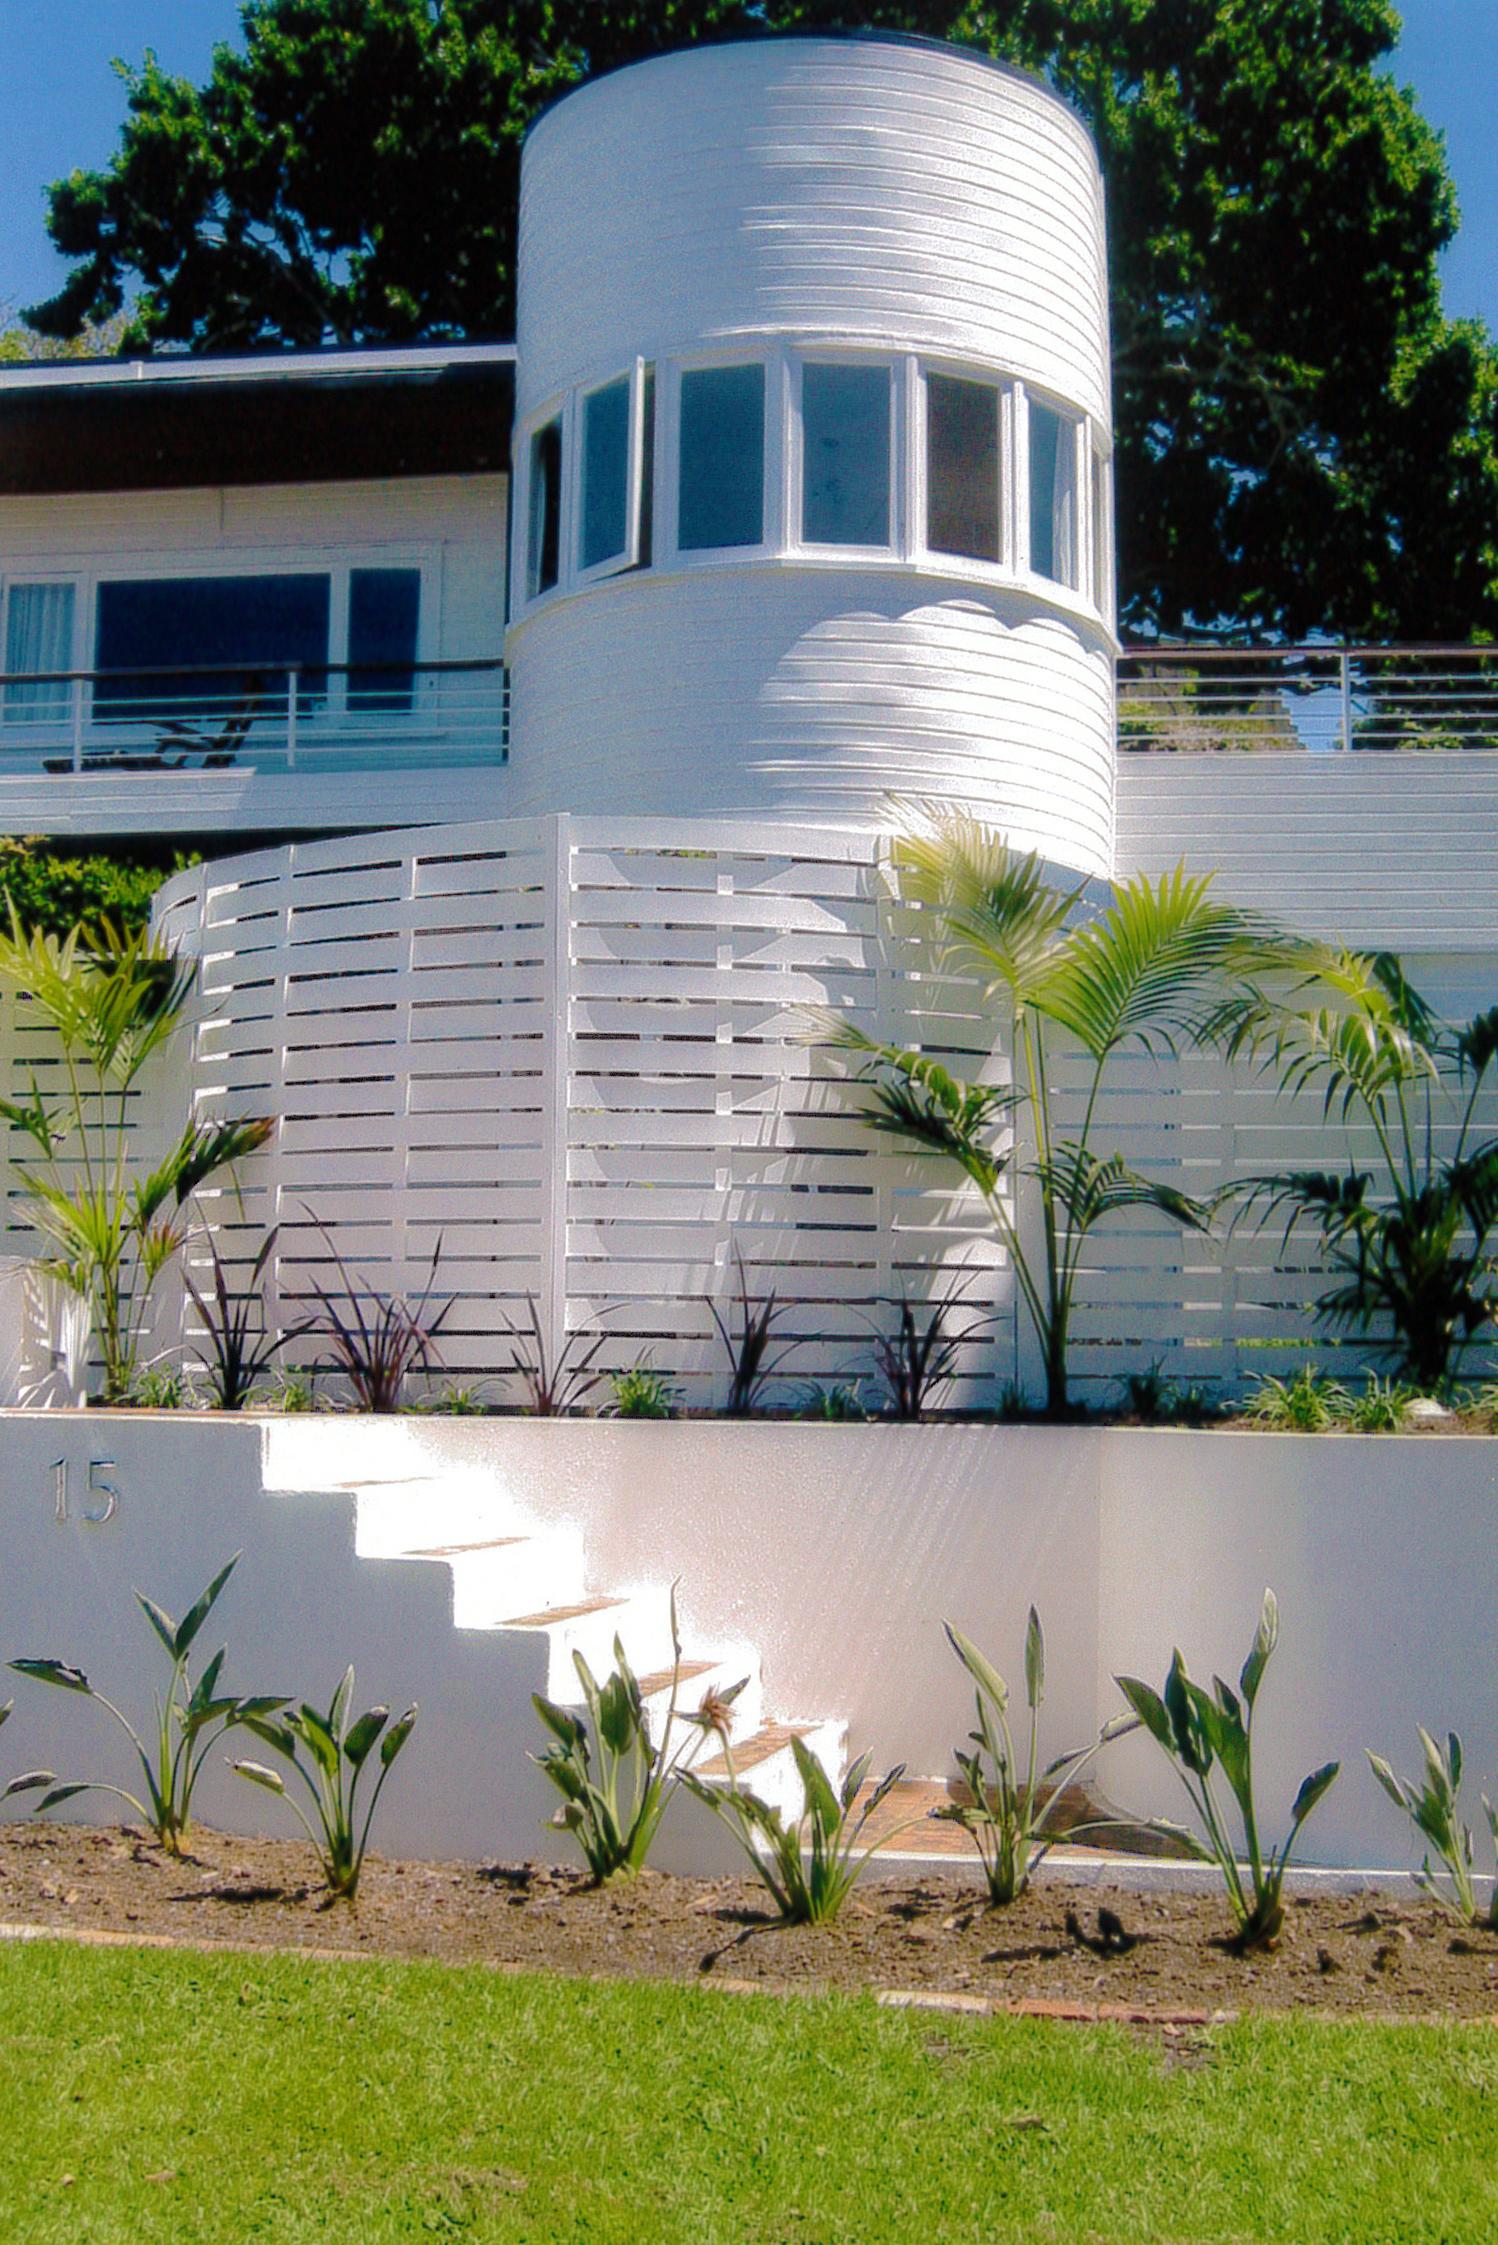 (26) Circular timber slat fence